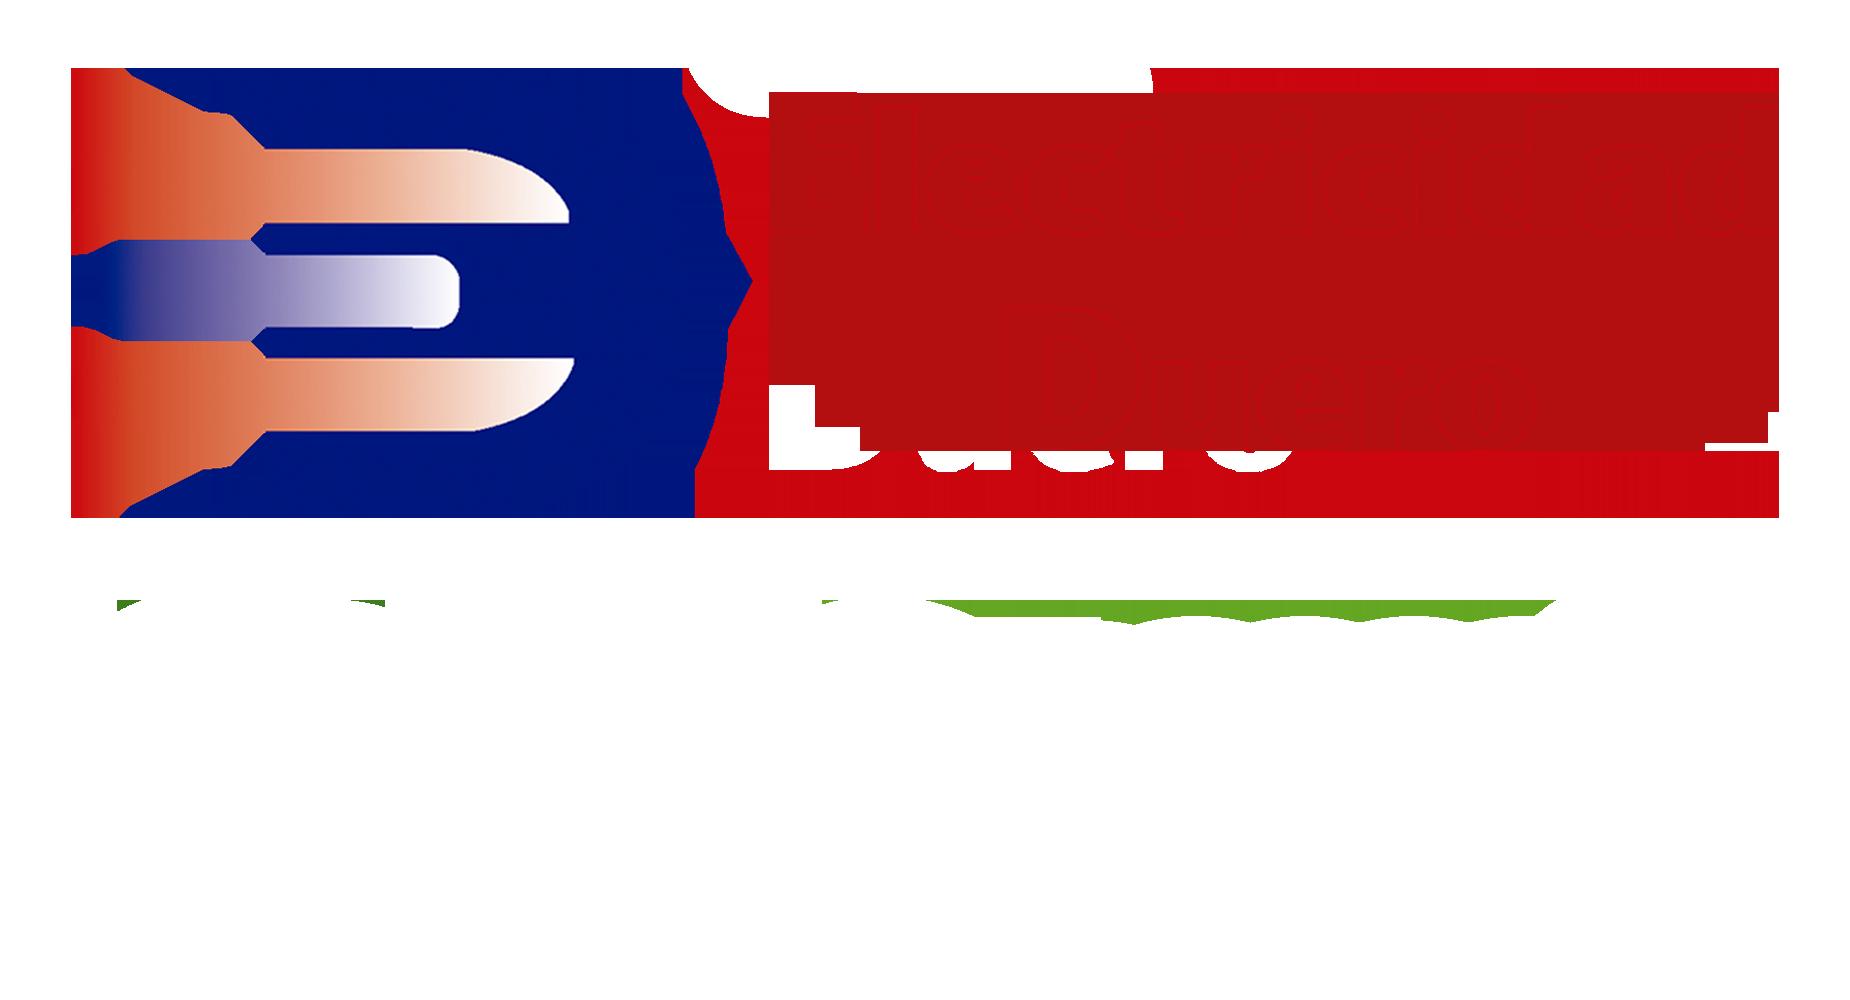 Electricidad Duero